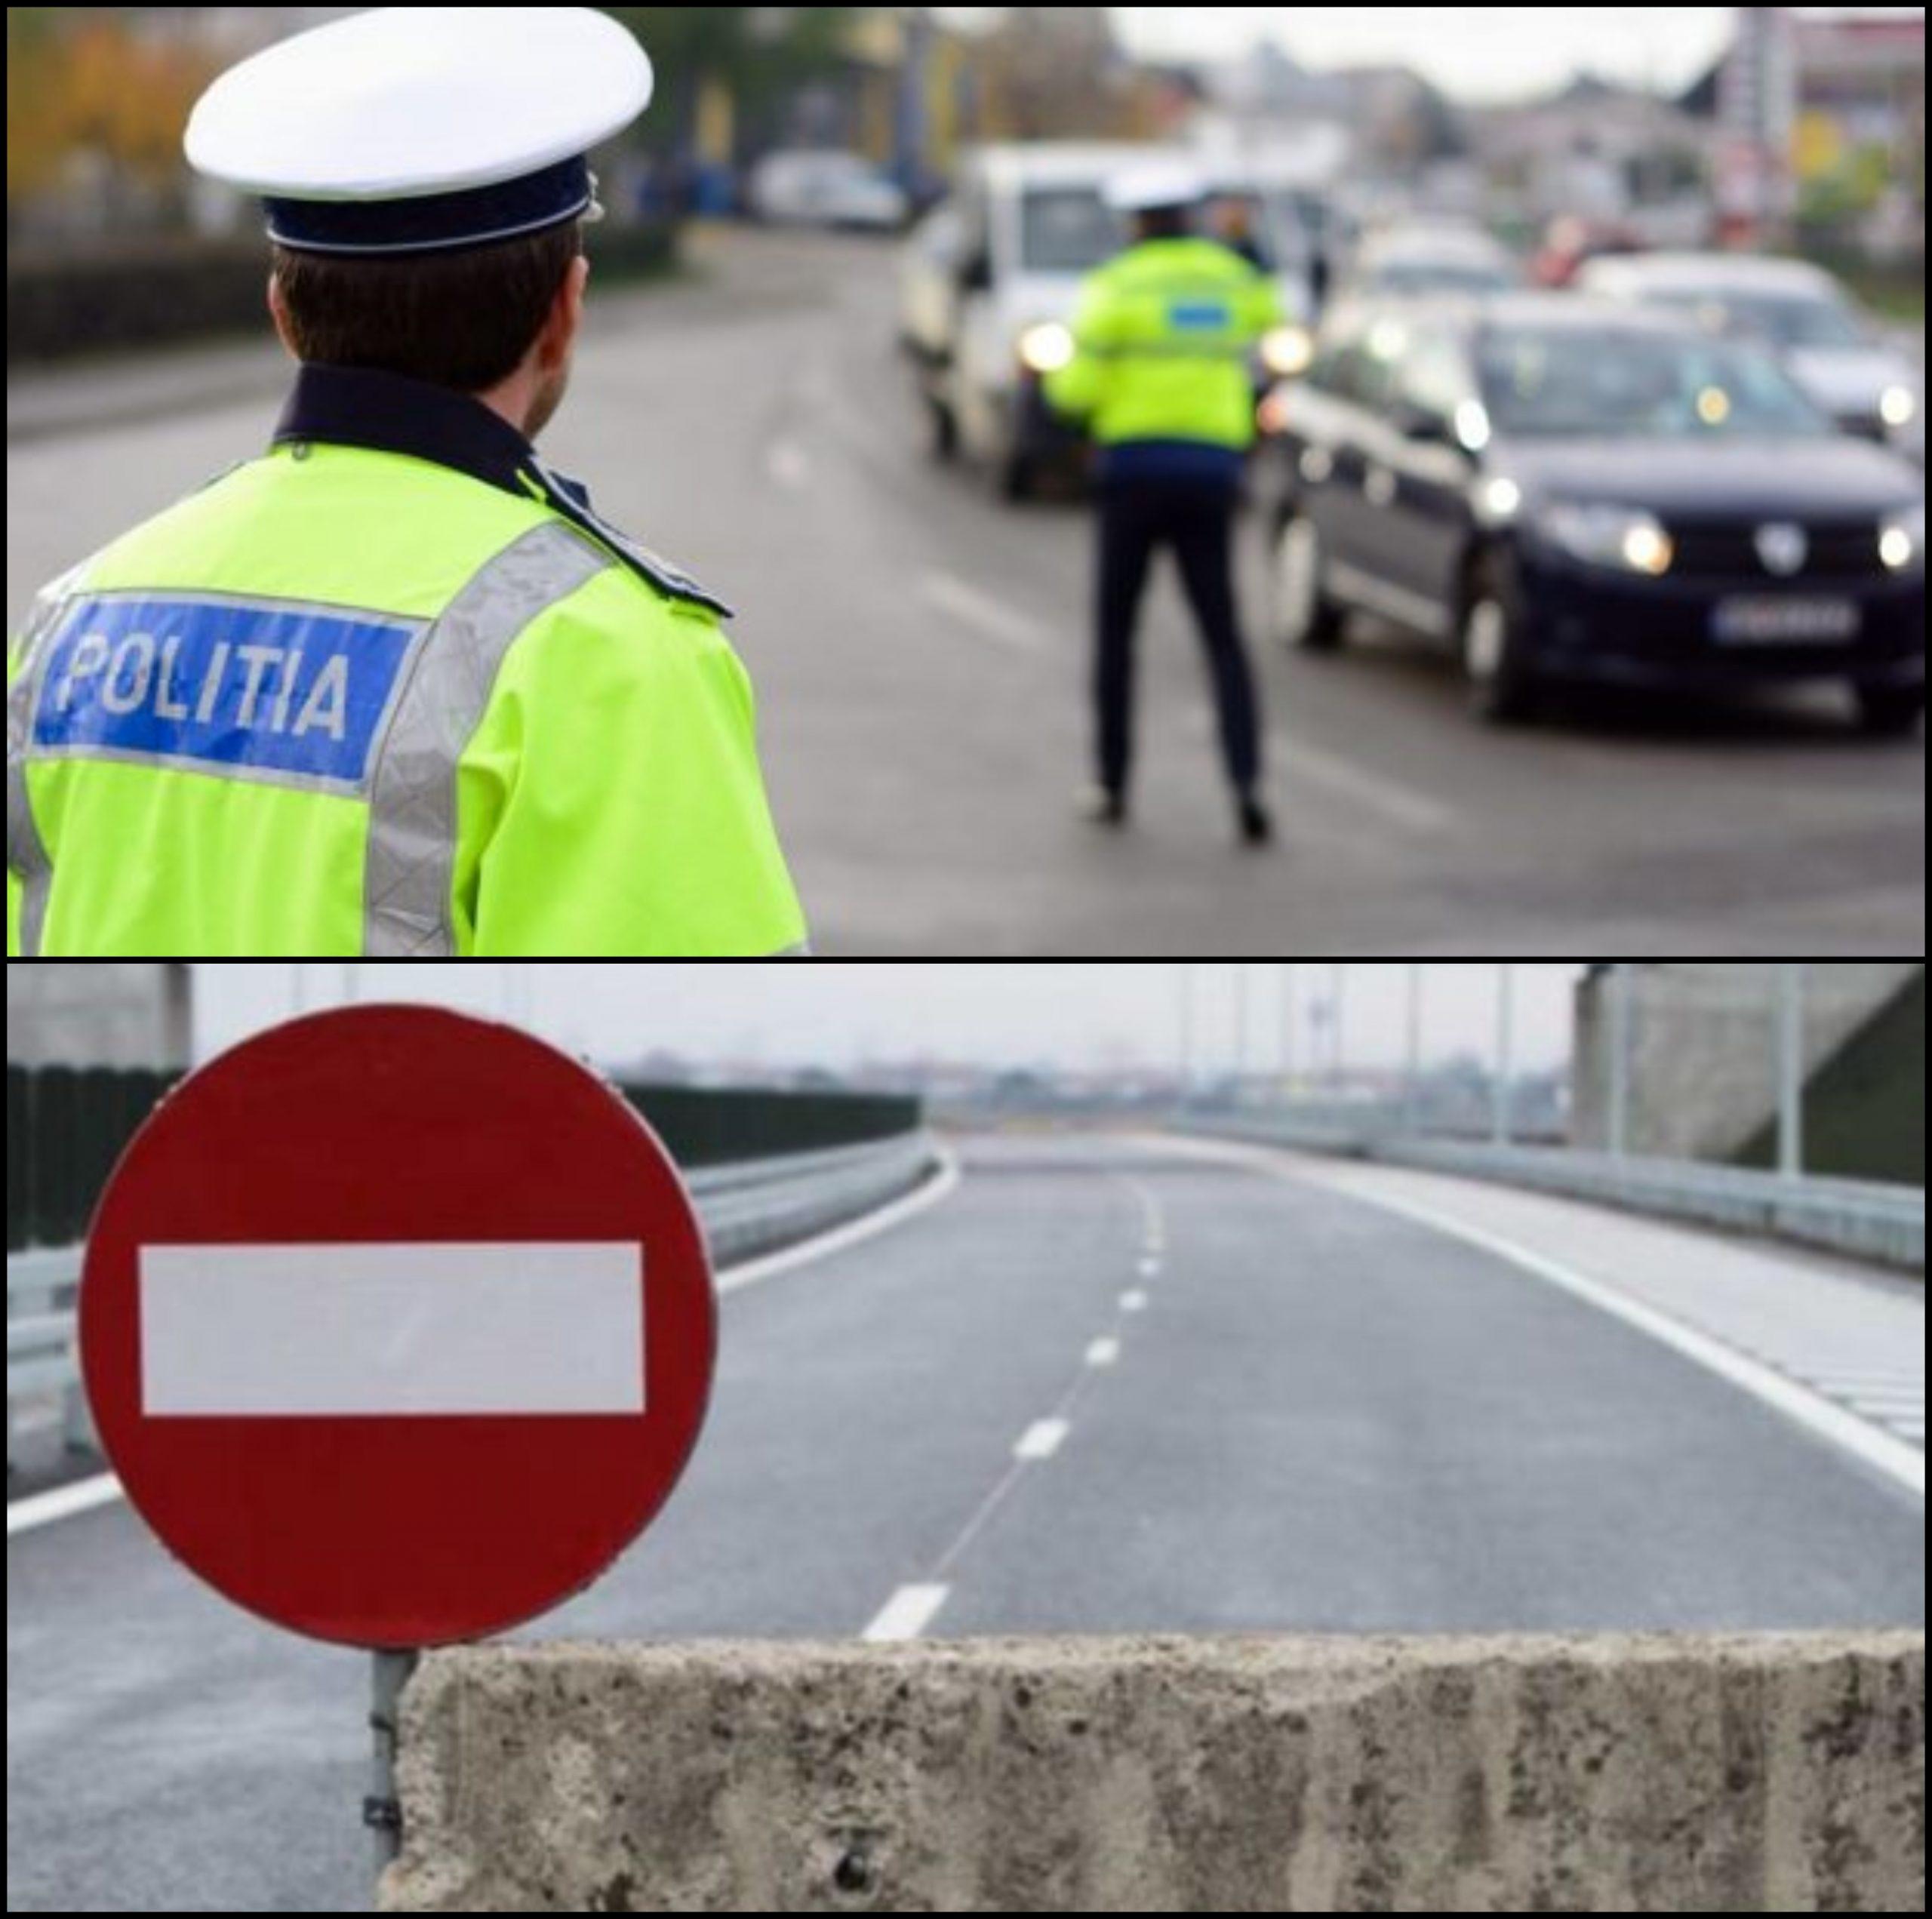 Restricții majore de circulaţie în traficul din Bucureşti, în weekend. Ce zone trebuie evitate cu desăvârșire